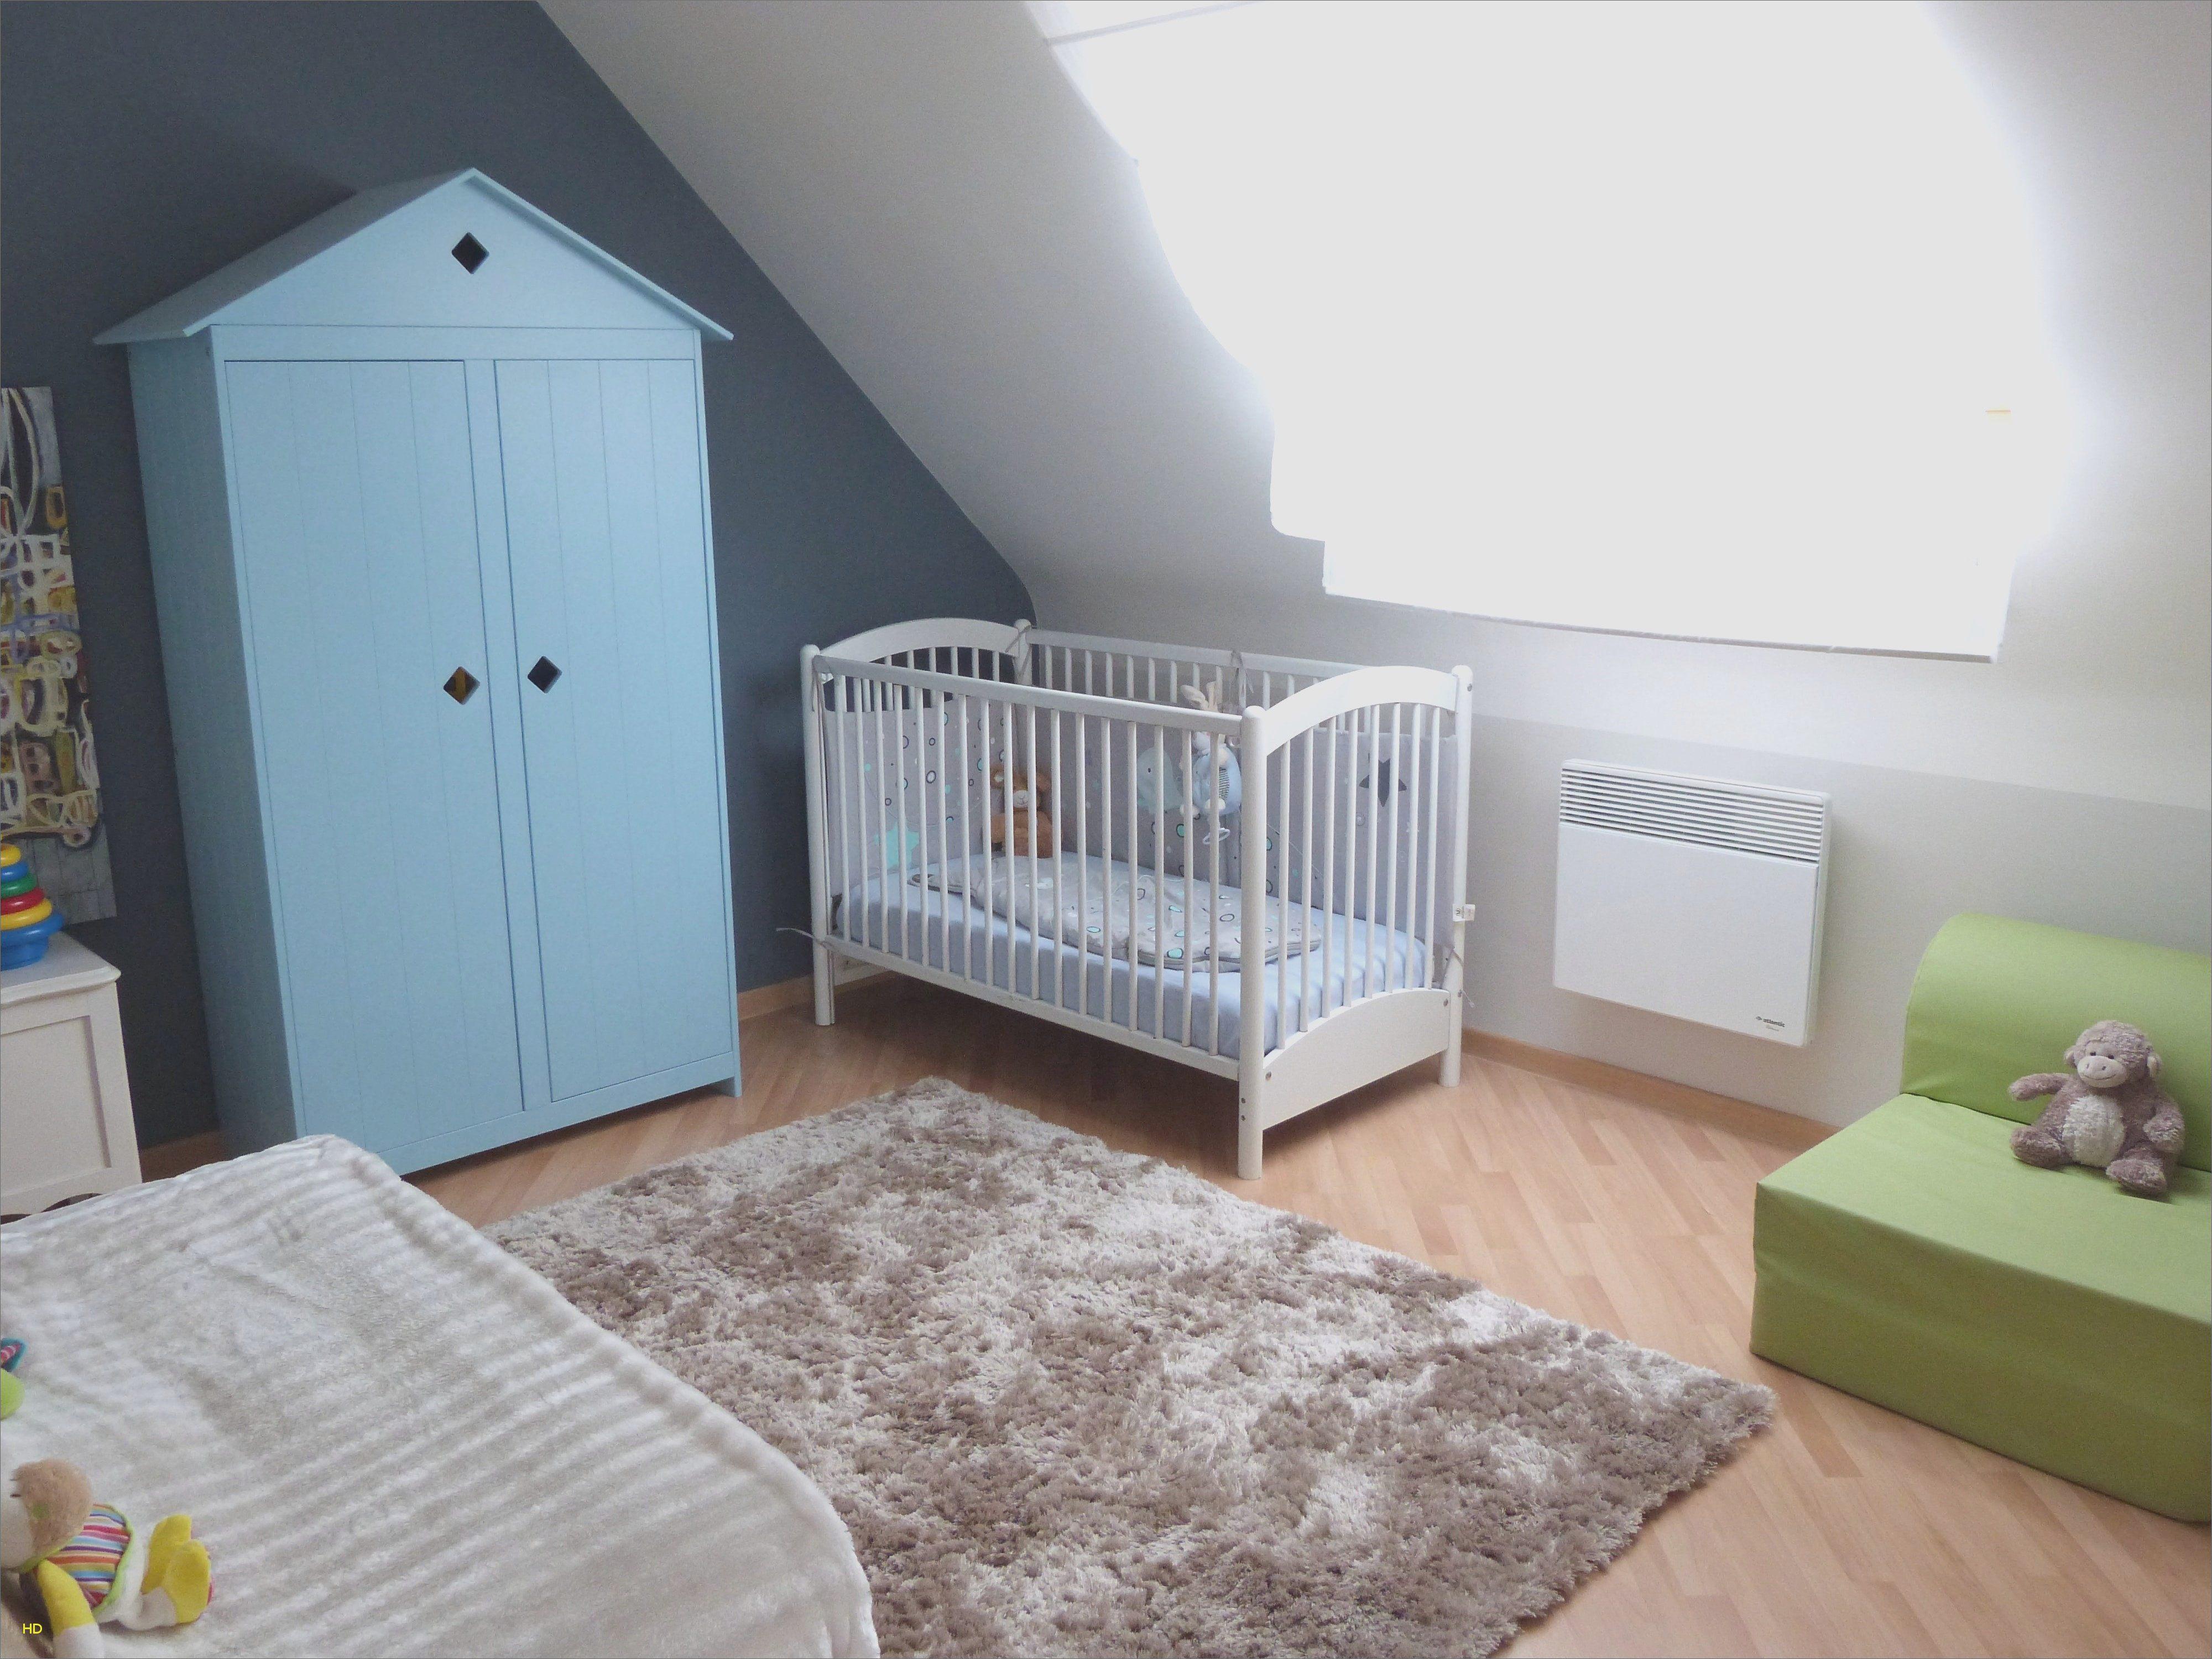 Lit 3 Places Superposé Le Luxe Beau Chambre Enfant Lit Superposé  Lit Biné Armoire Fresh Lit